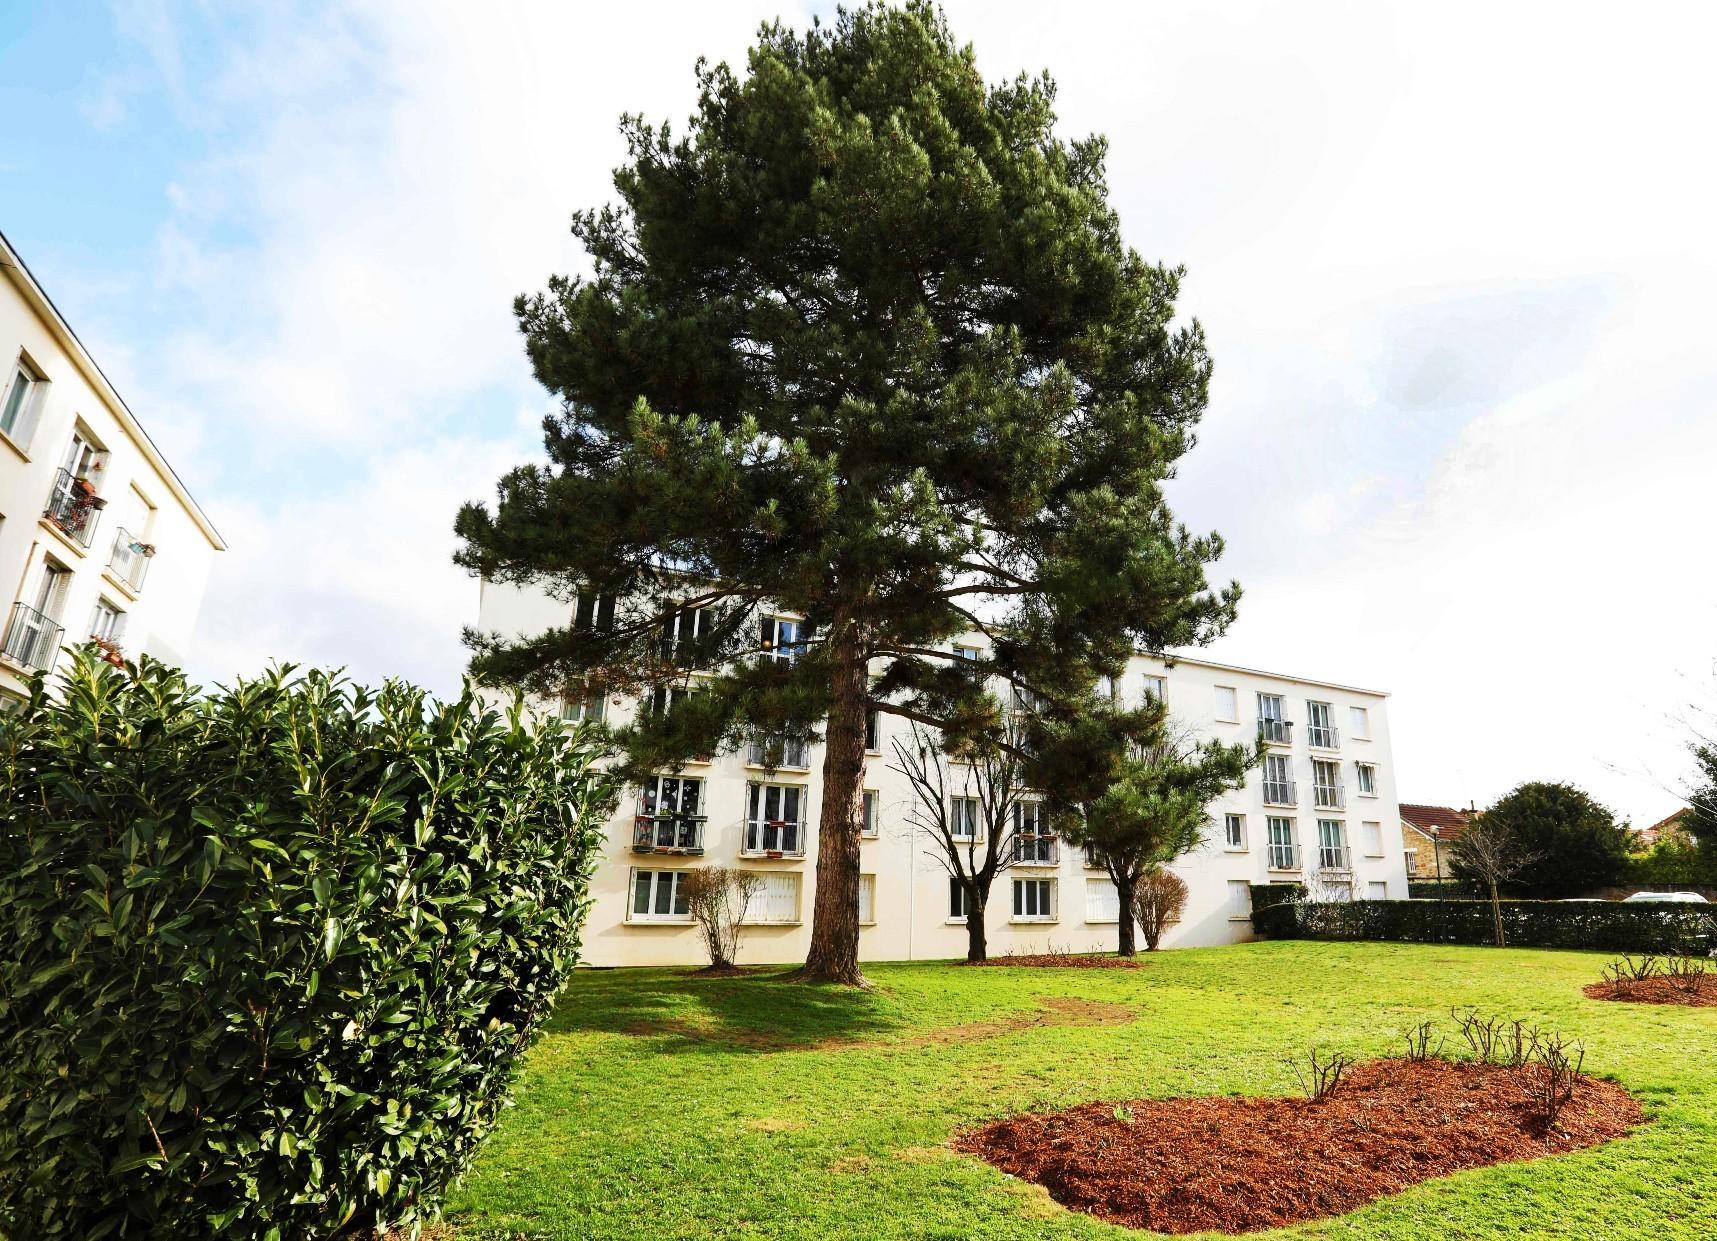 A vendre appartement 3P 57m2,  2 chambres (3 possible) à VERSAILLES